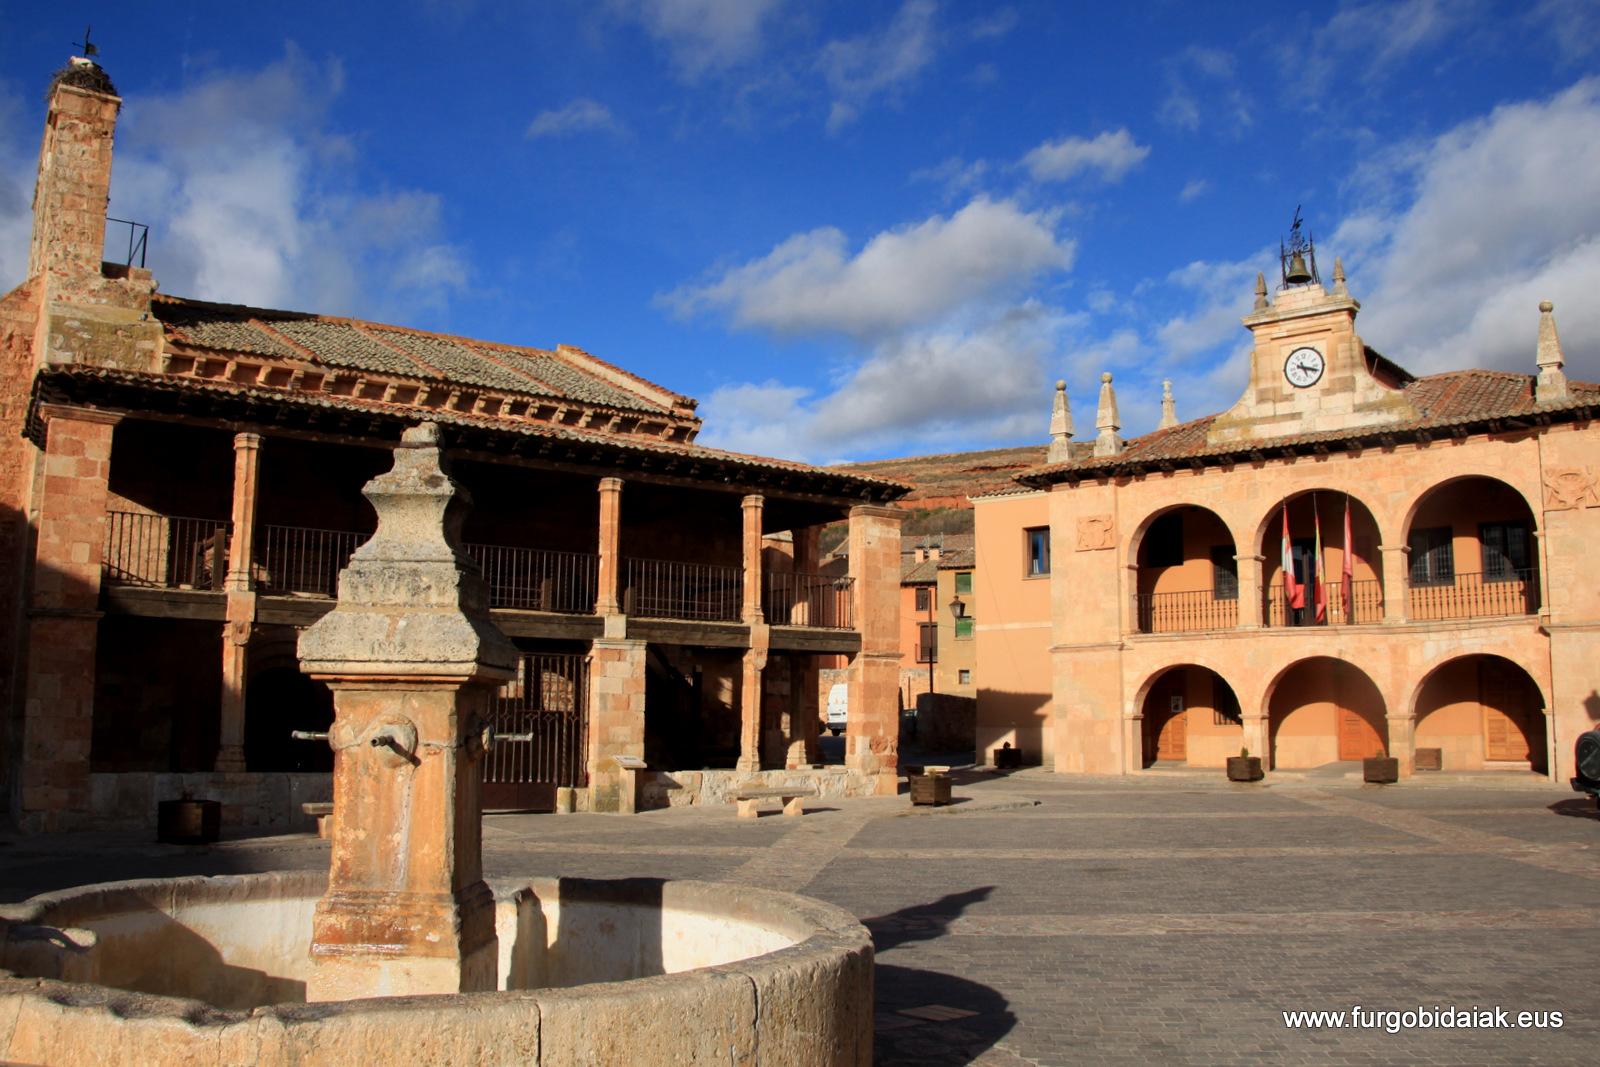 Plaza Ayllón